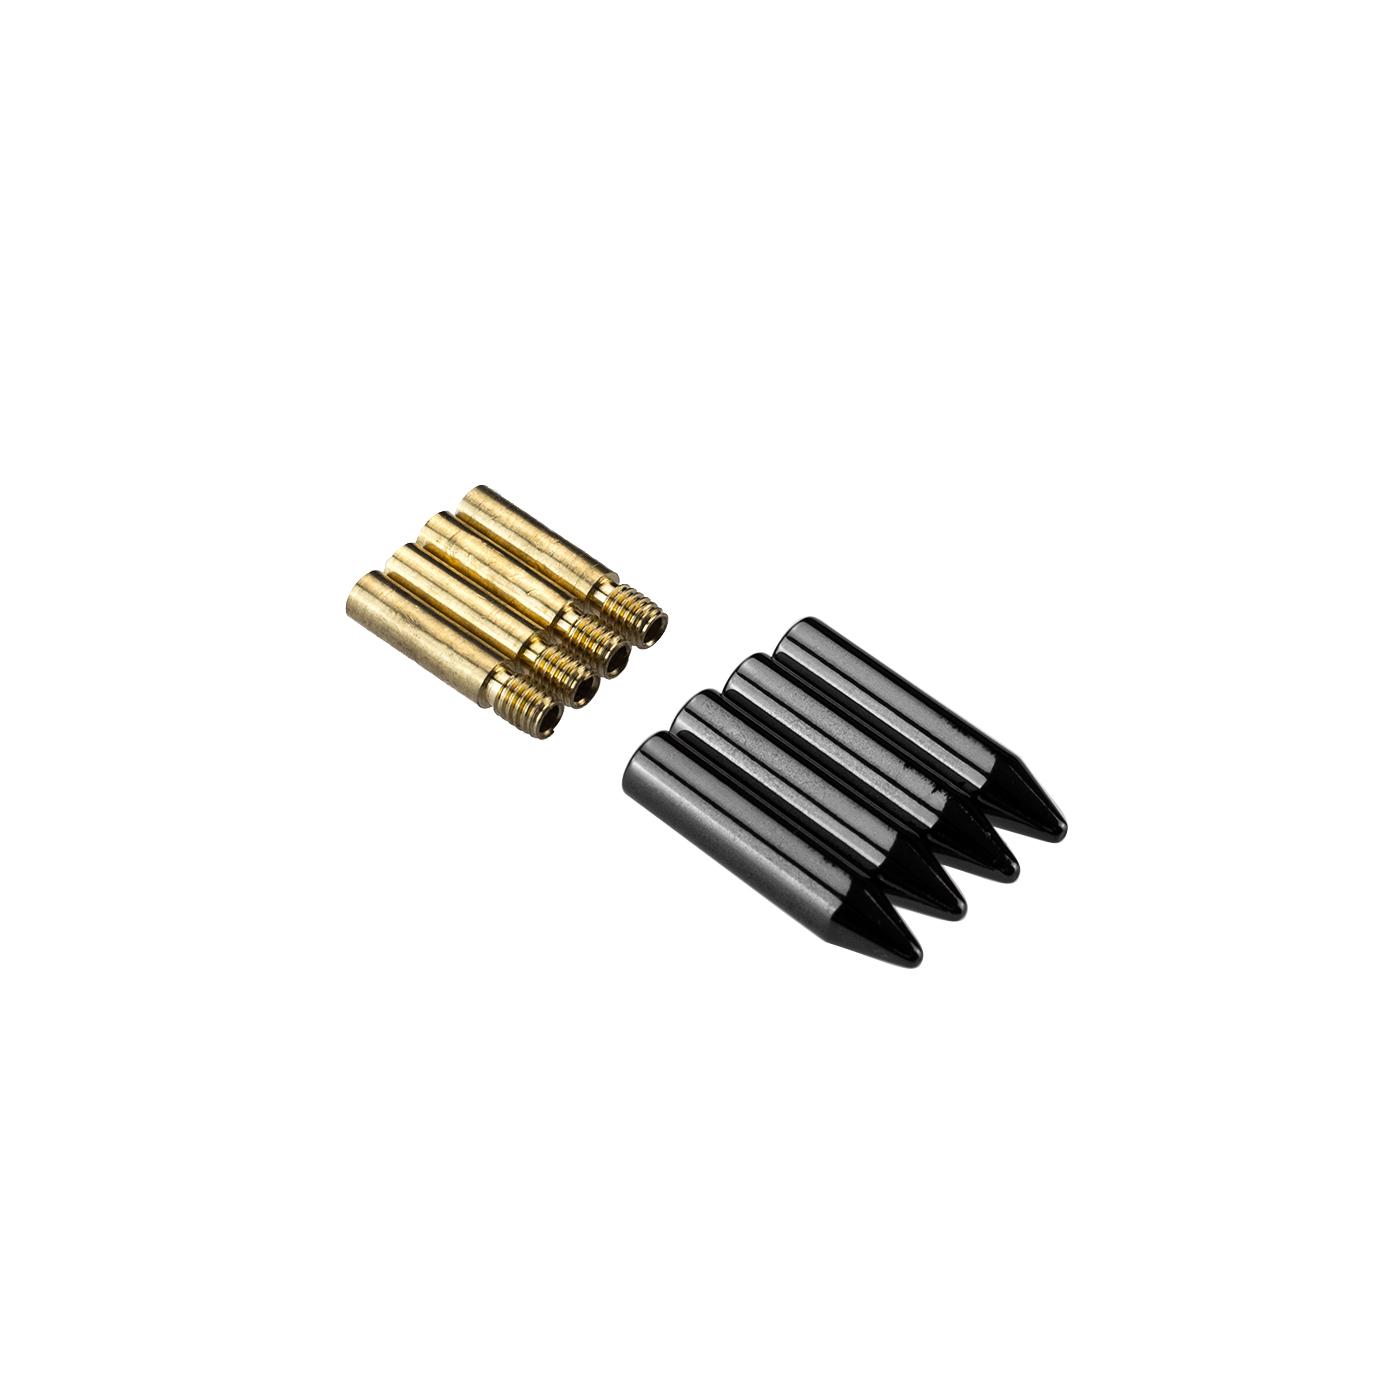 4 st ck metall aglets f r schn rsenkel schn rb nder 4 farben tipps shoe laces ebay. Black Bedroom Furniture Sets. Home Design Ideas